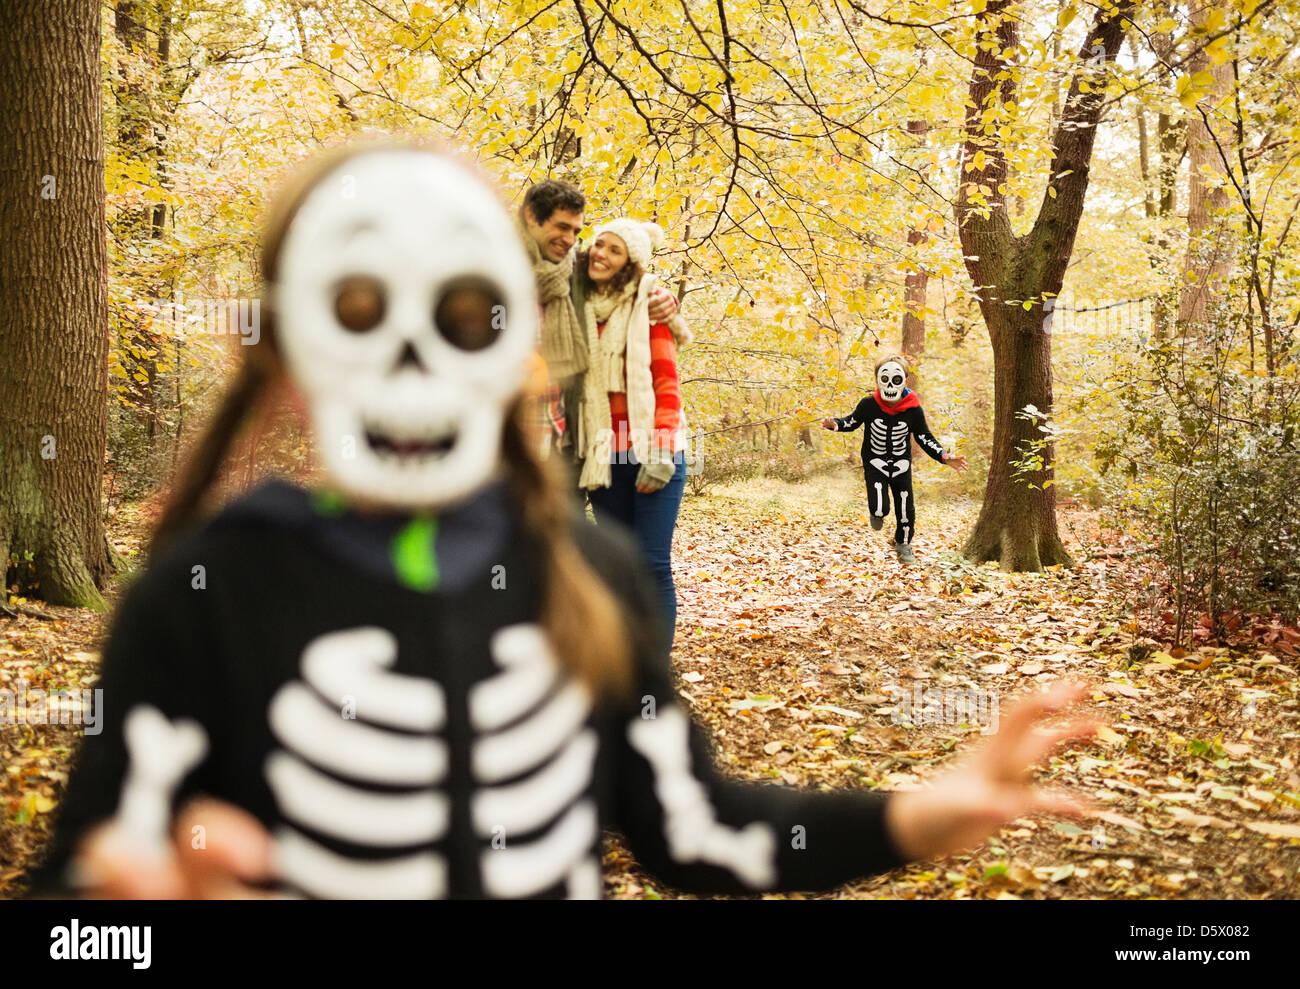 Kinder im Skelett Kostüme spielen im park Stockfoto